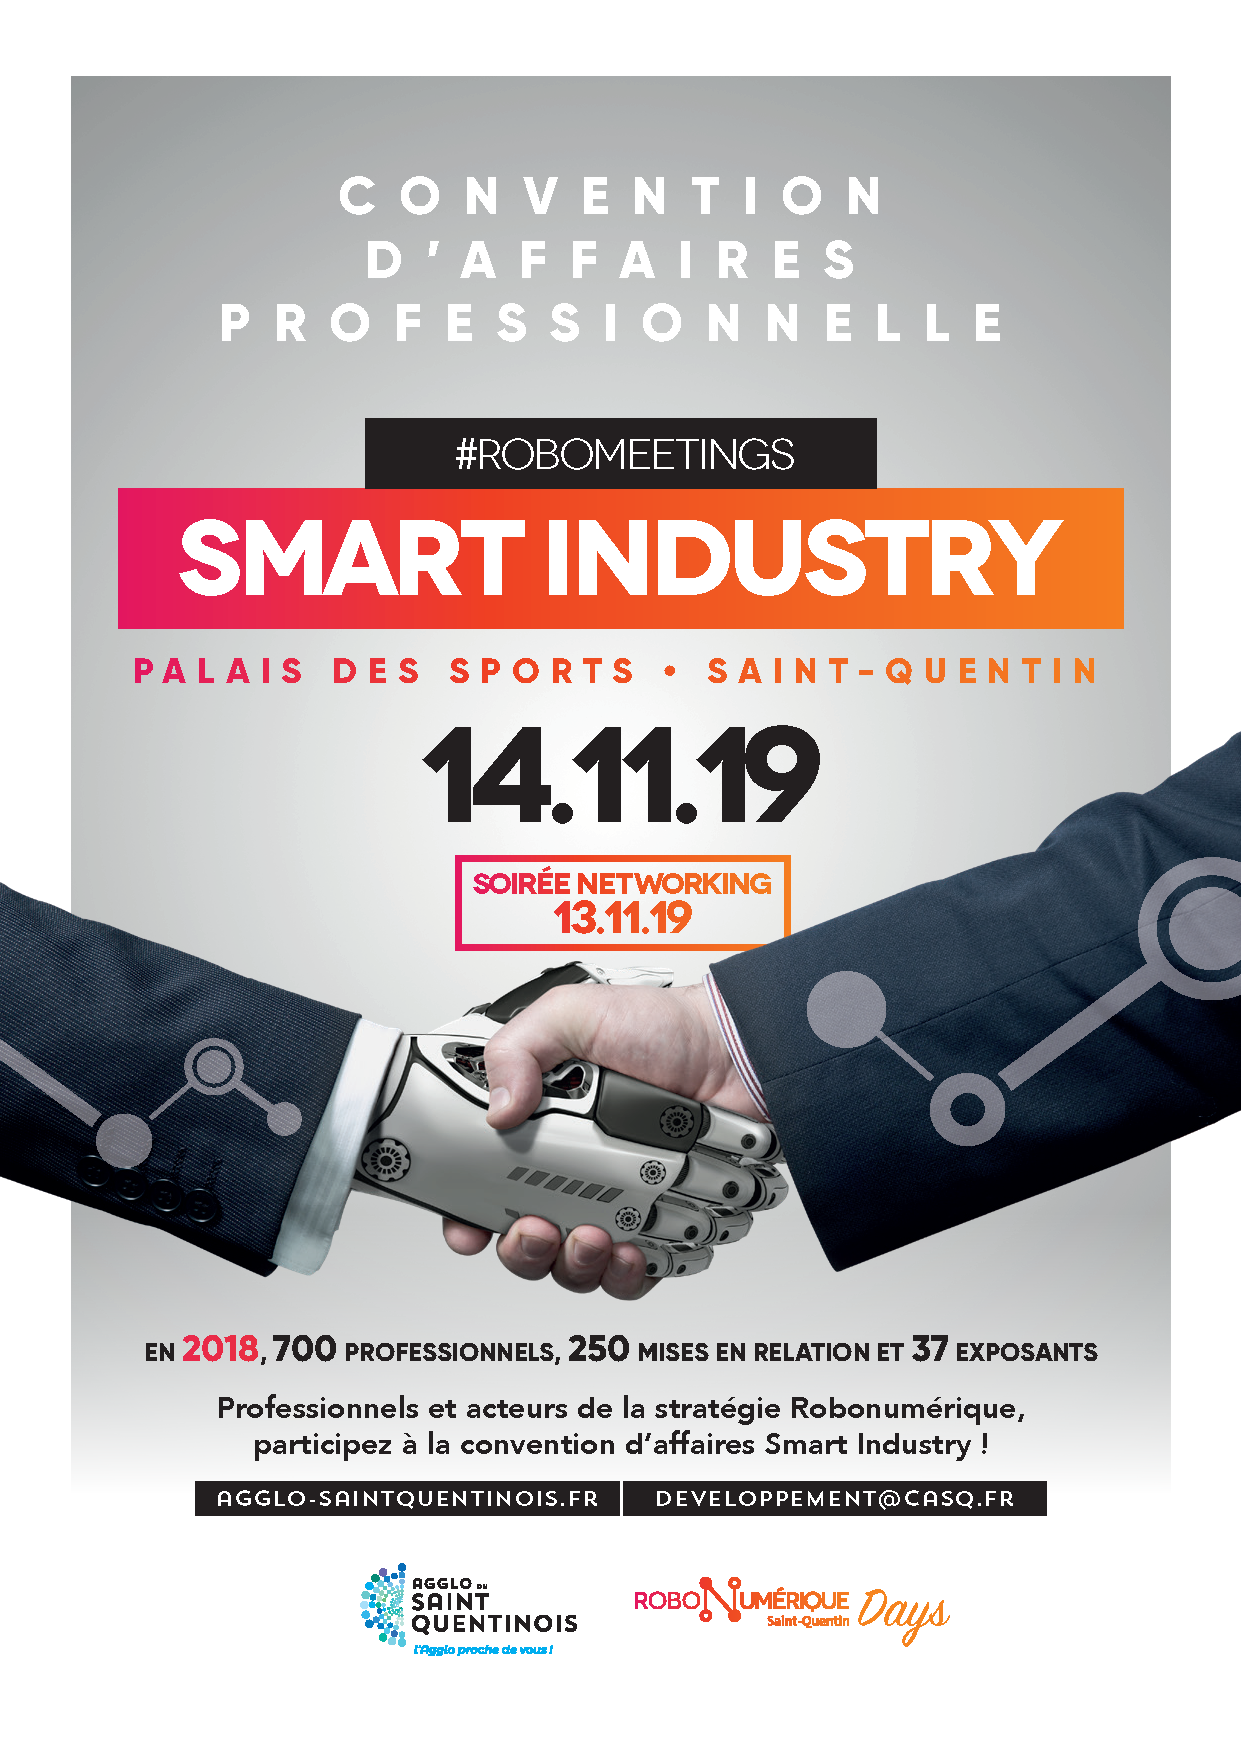 #Robomeetings2019La Convention d'affaires Smart Industry commence ce soir avec une table ronde autour des outils d'accompagnement sur mesure pour le territoire, suivie d'une conférence de @nbouzou sur l'économie européenne et la mutation technologique agglo-saintquentinois.fr/agenda-133/con…